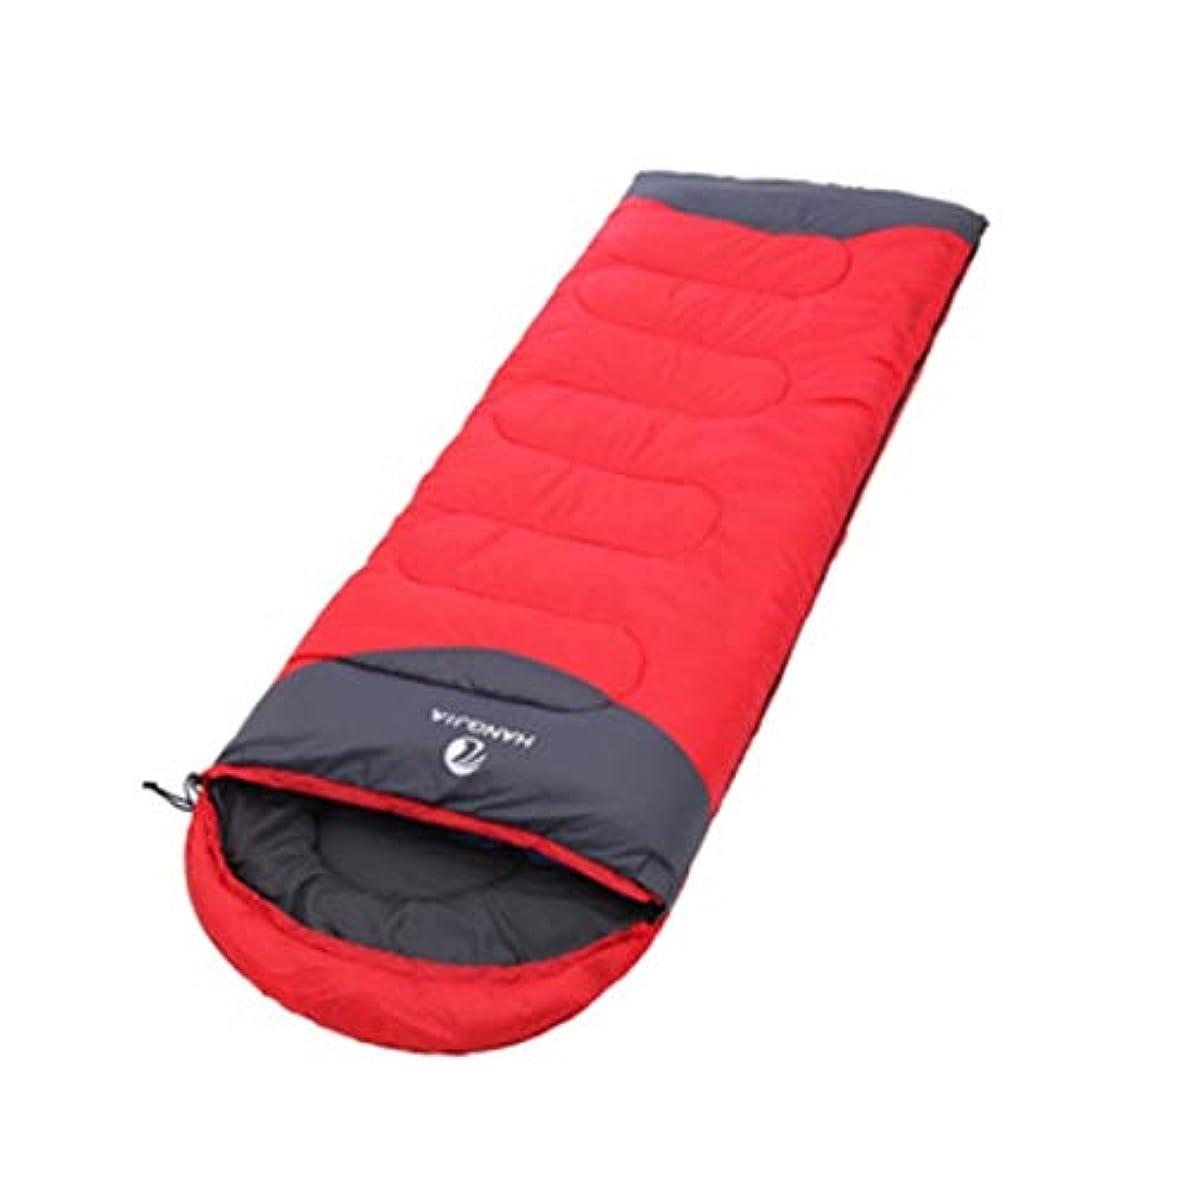 逆さまに領事館無実Madalena 3倍厚い寝袋屋外スーパーライトキャンプランチ休憩寝袋春、夏、秋と冬 (Color : Red)